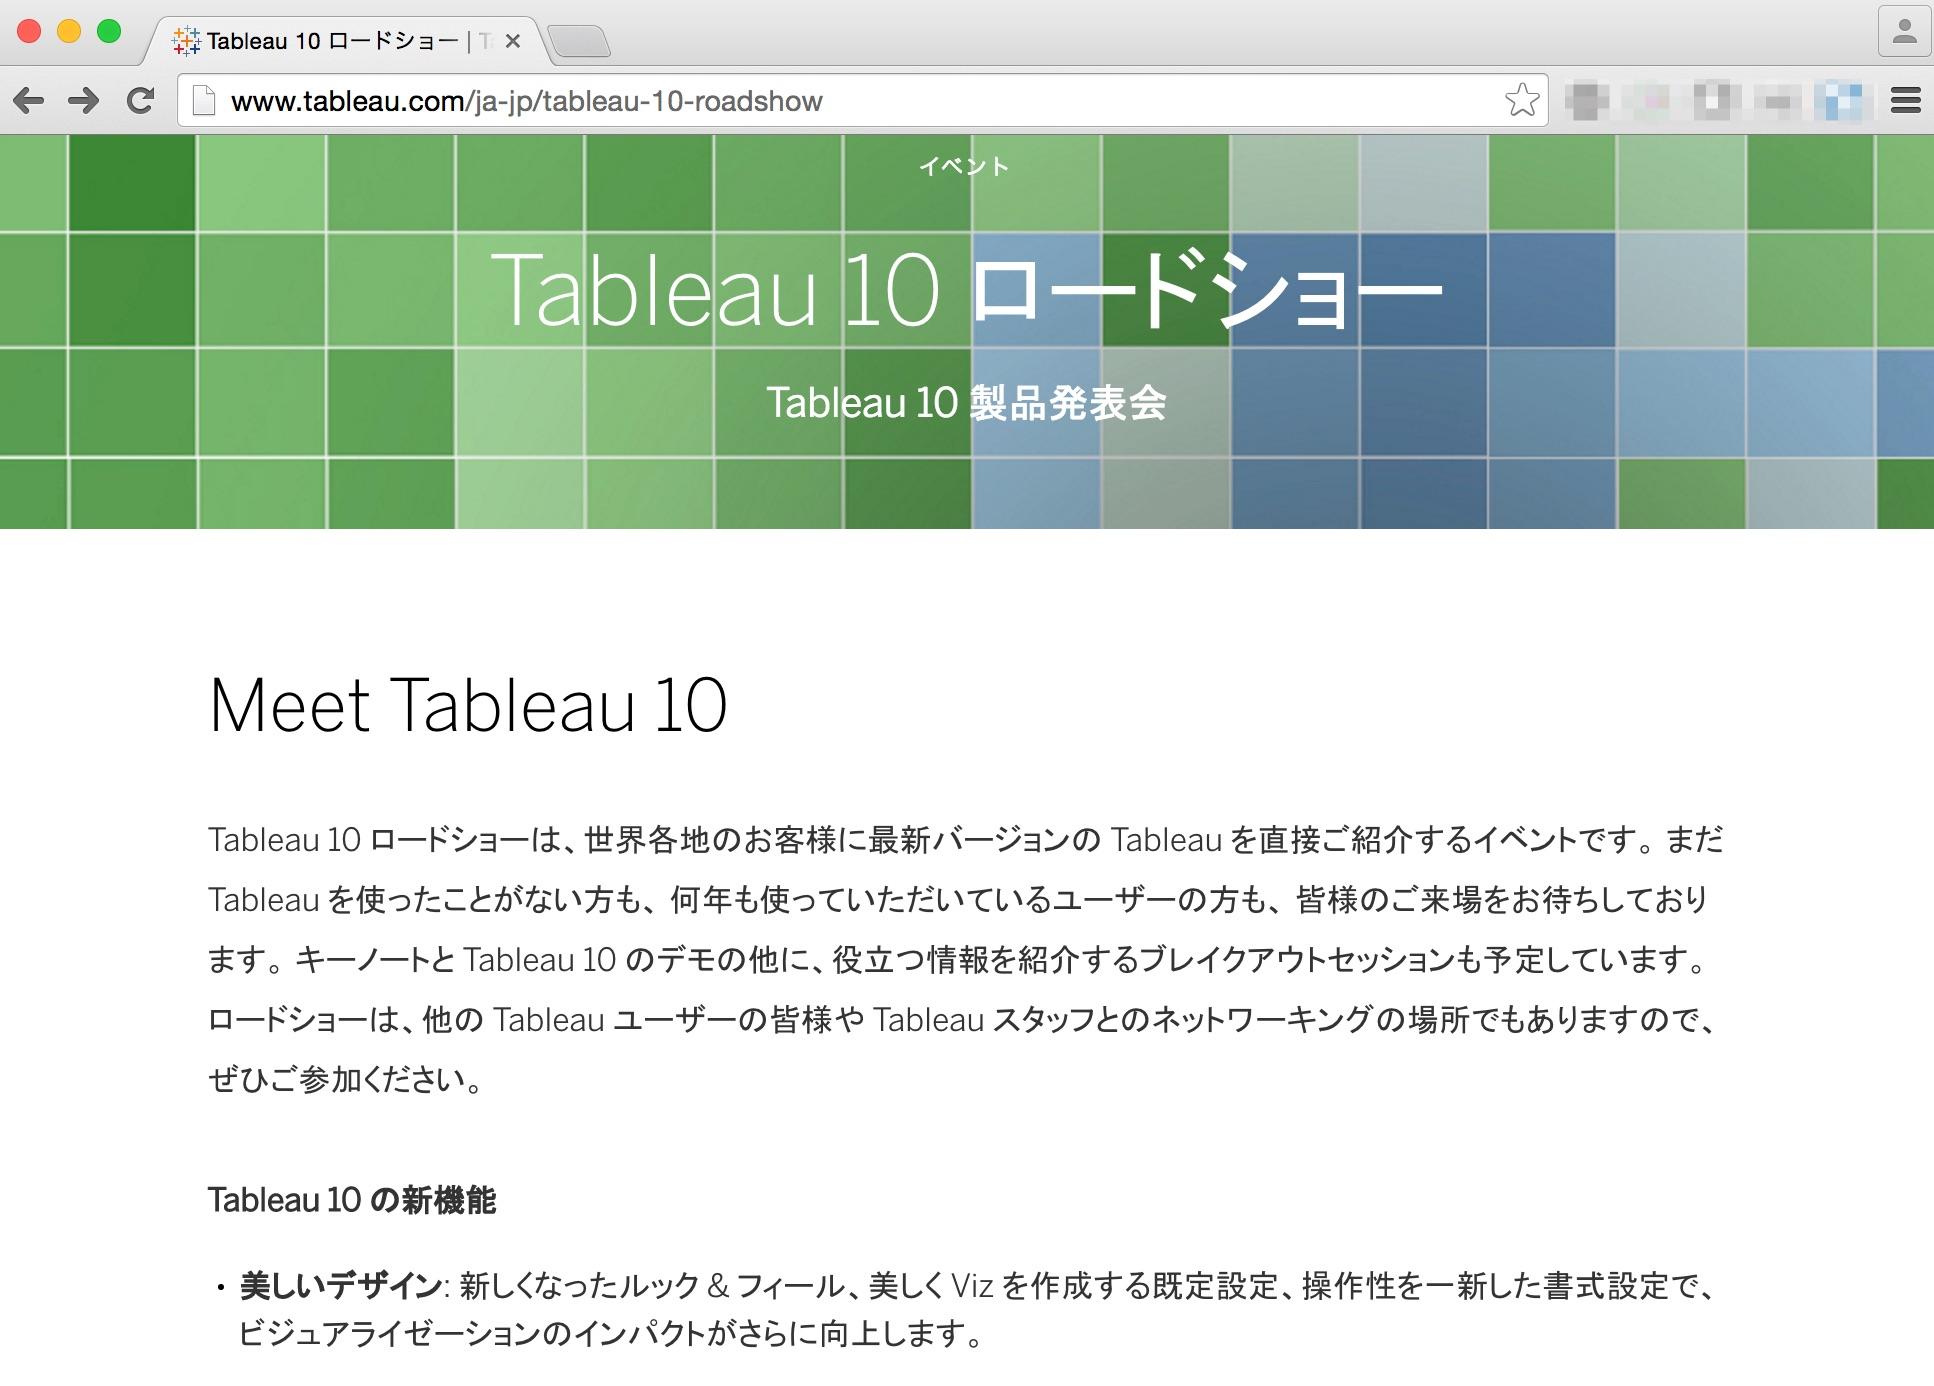 tableau10-comming-soon_99